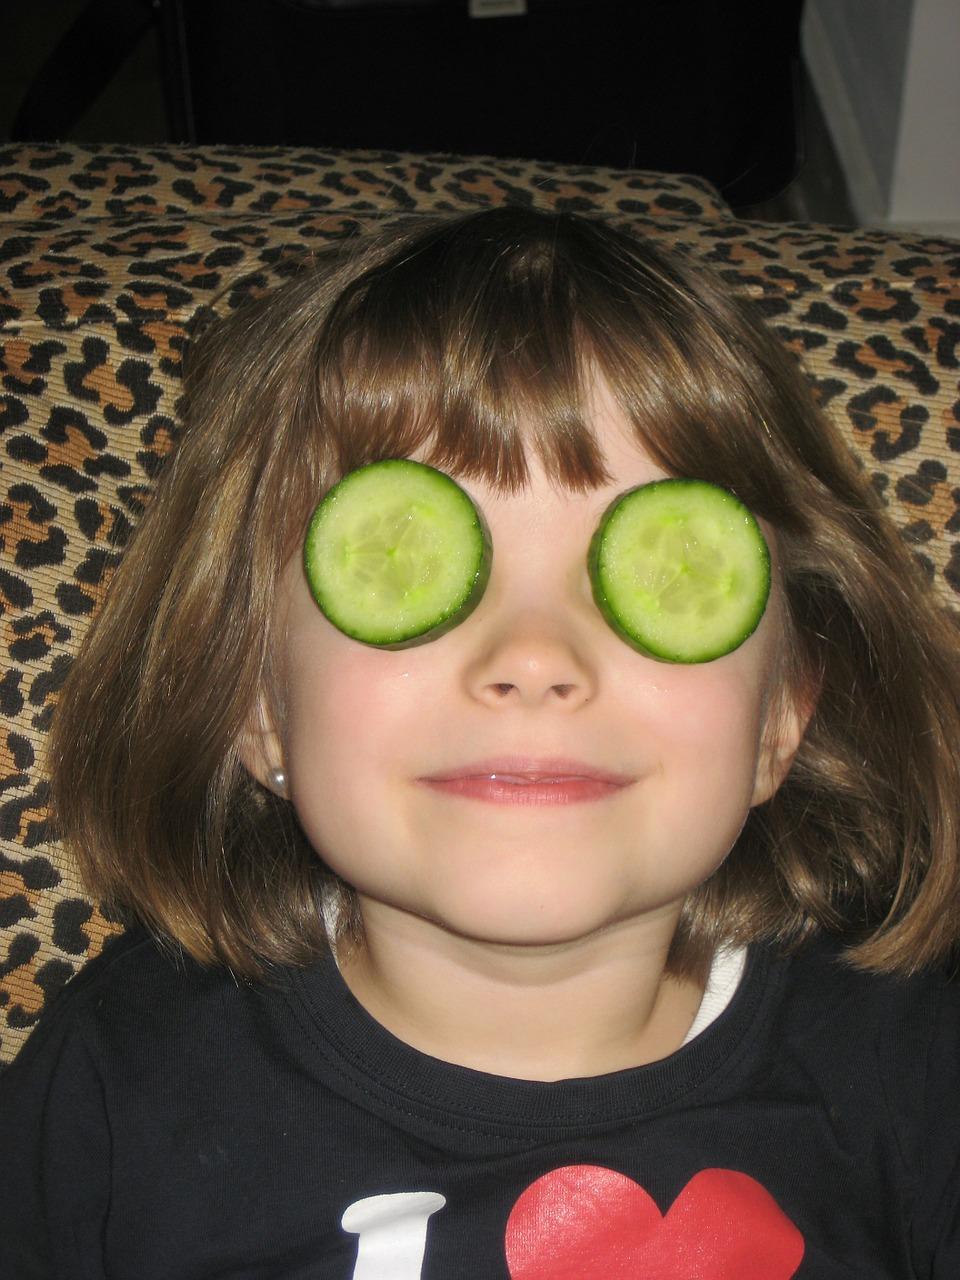 cucumber-250762_1280